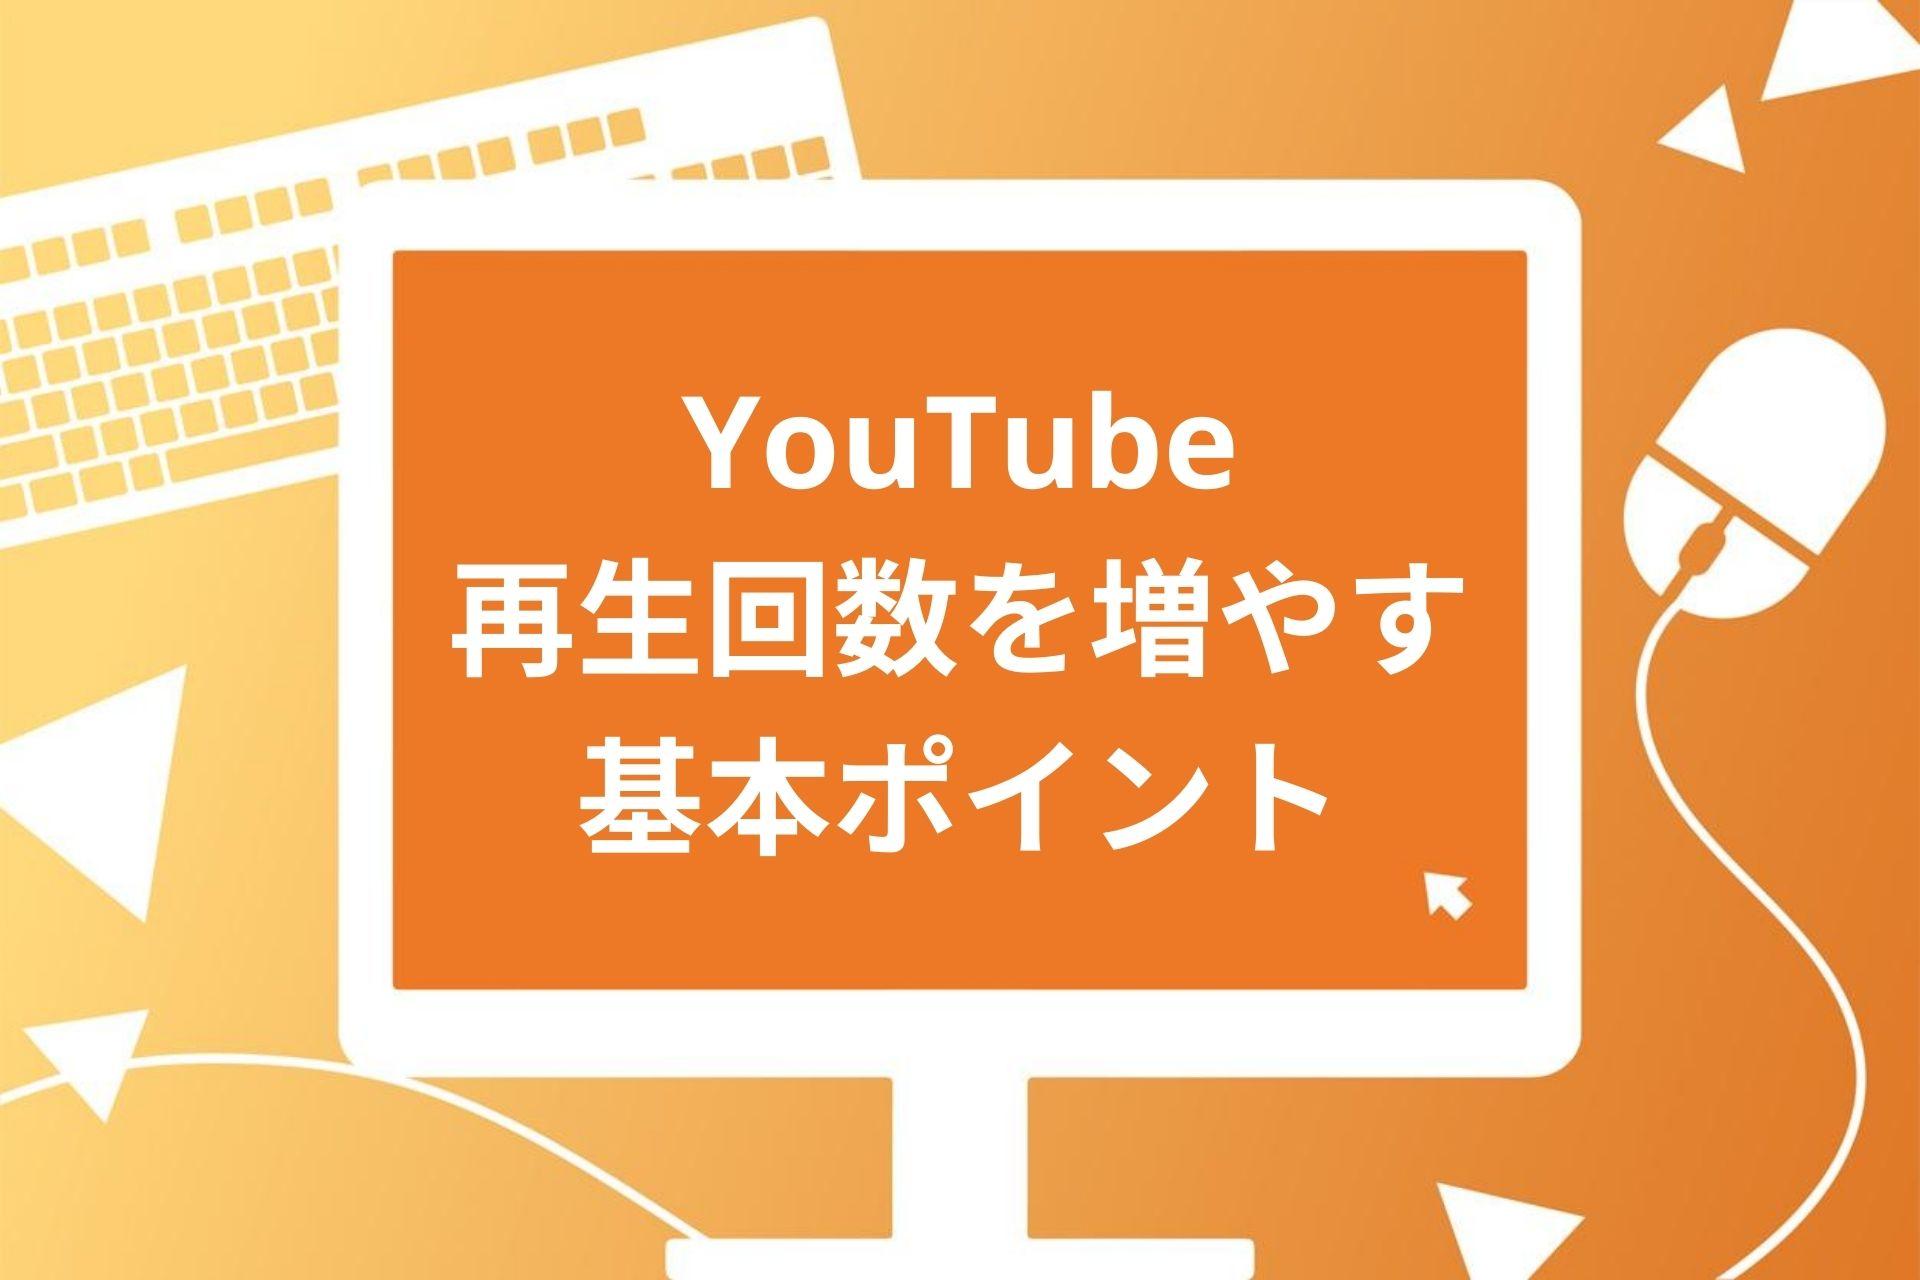 収入 youtube 再生 回数